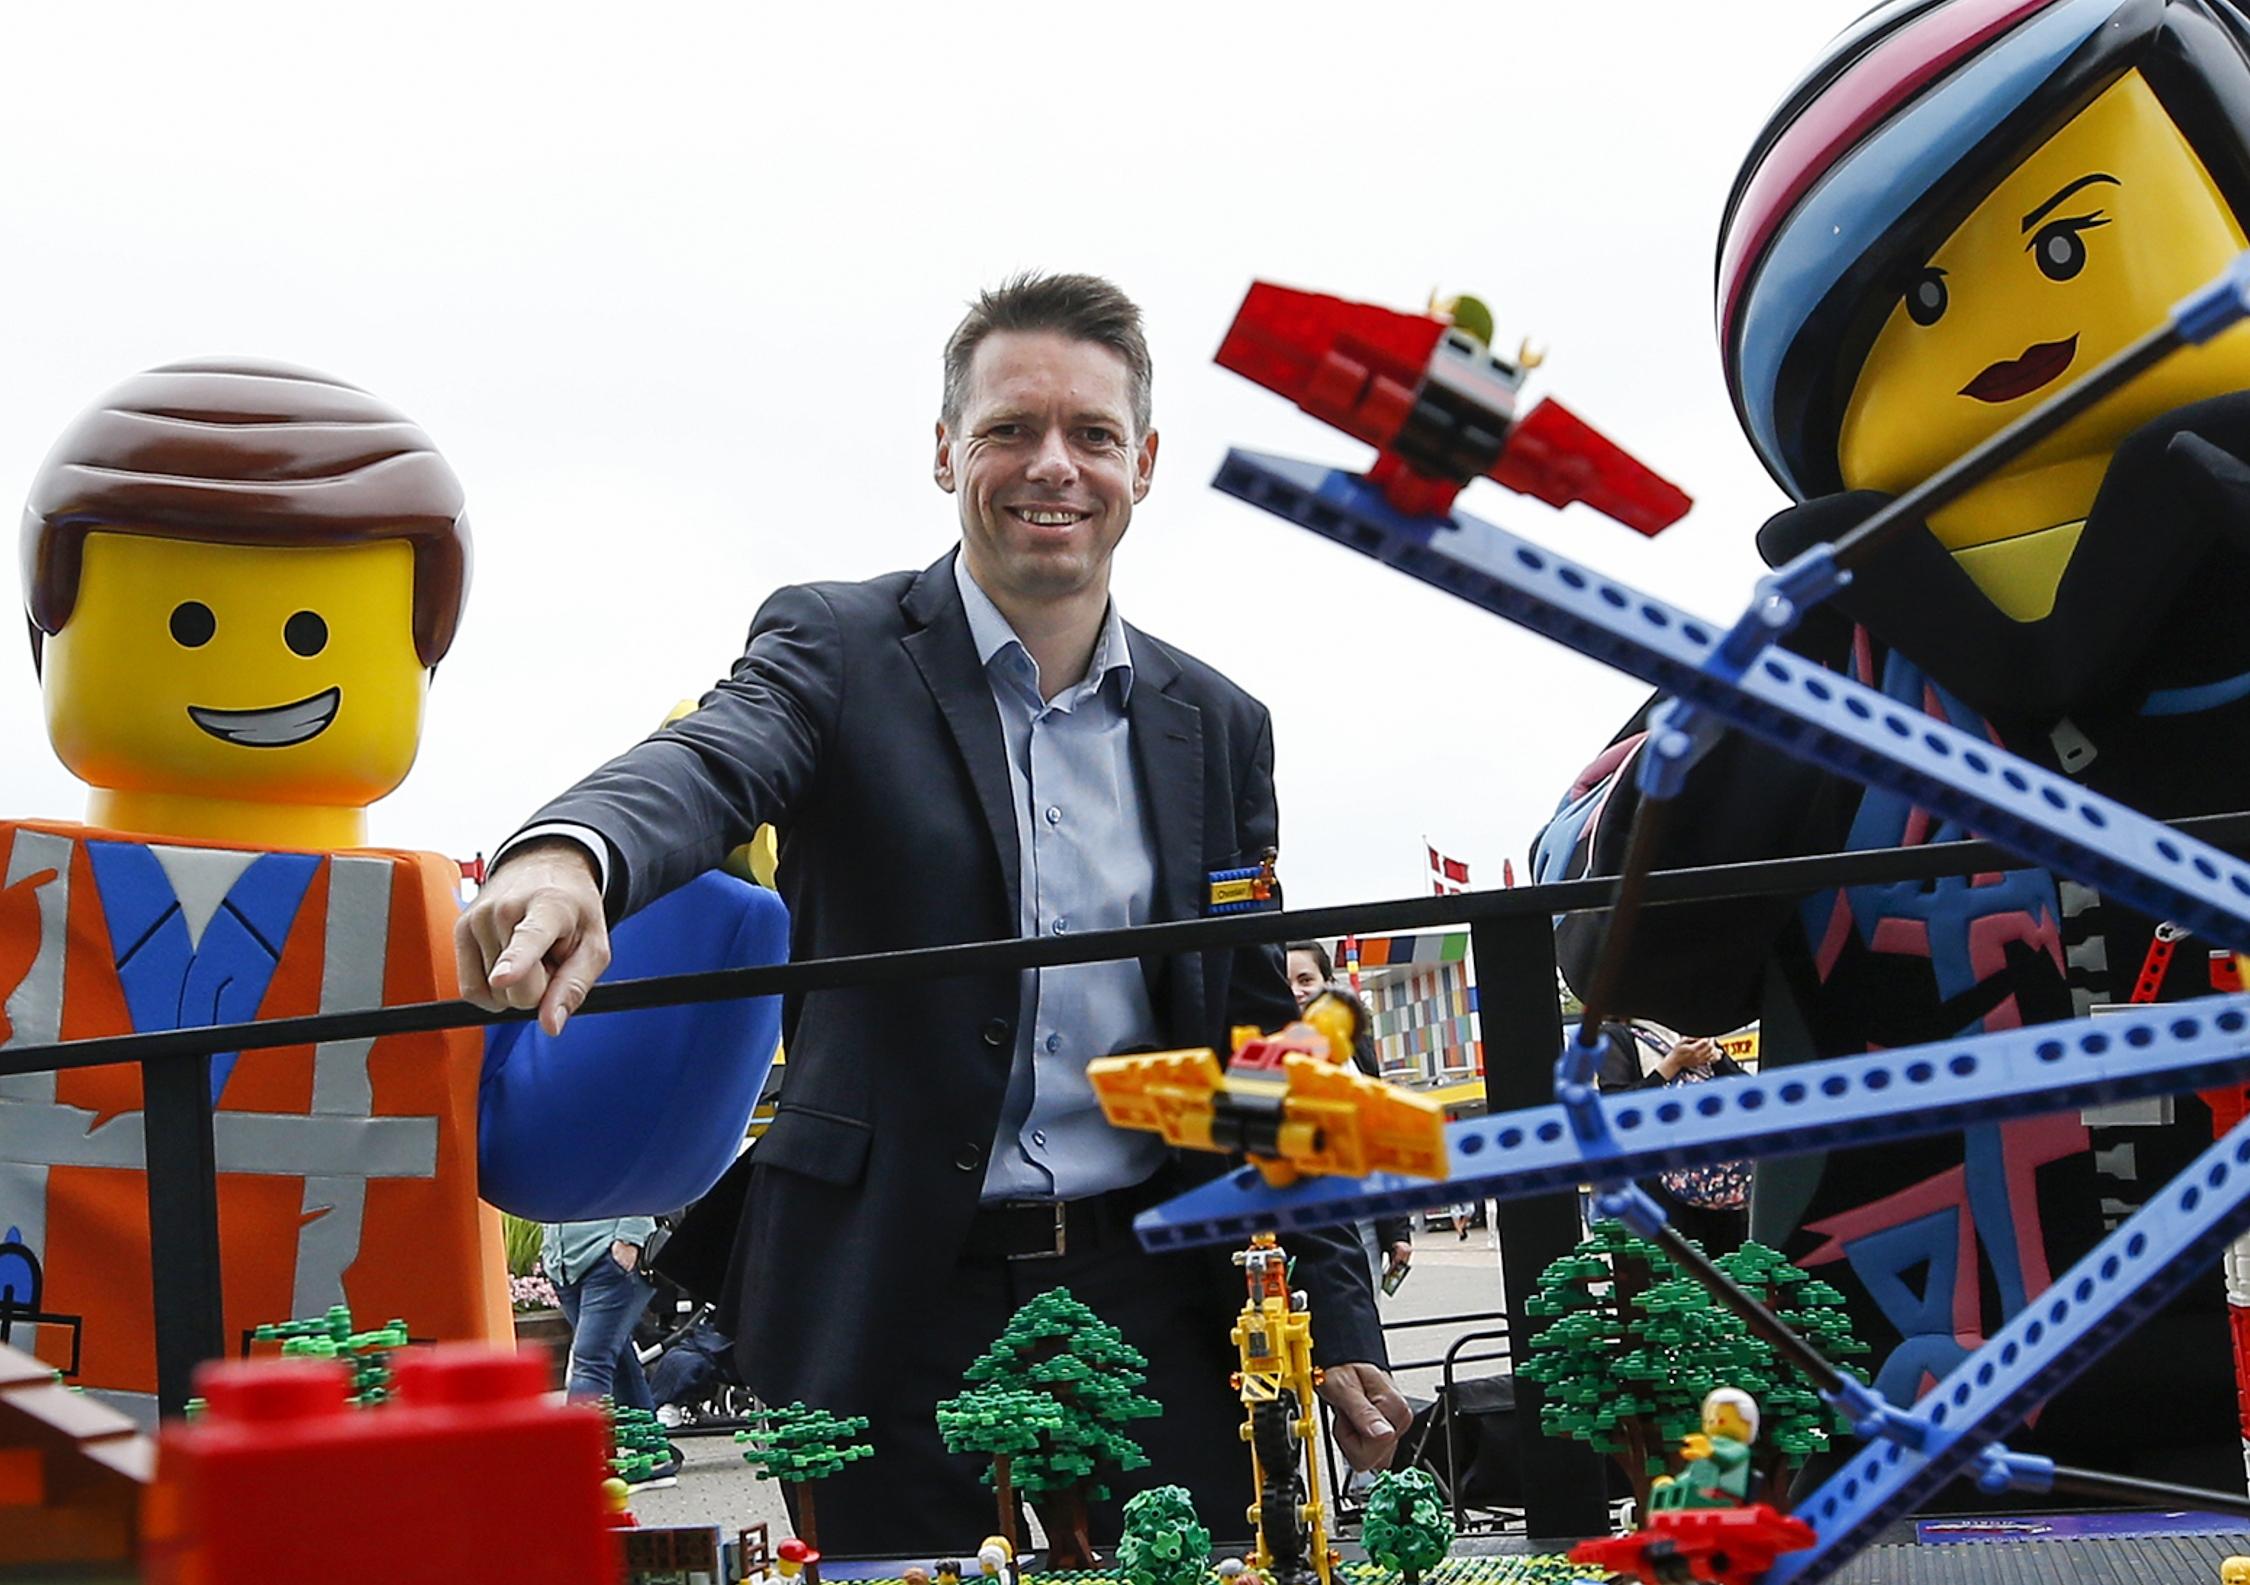 Christian Woller, administrerende direktør for Legoland Billund, da han sidste måned præsenterede forlystelsesparkens næste store investering på 100 millioner kroner til to nye forlystelser, der skal være klar til næste år. Pressefoto: Legoland.